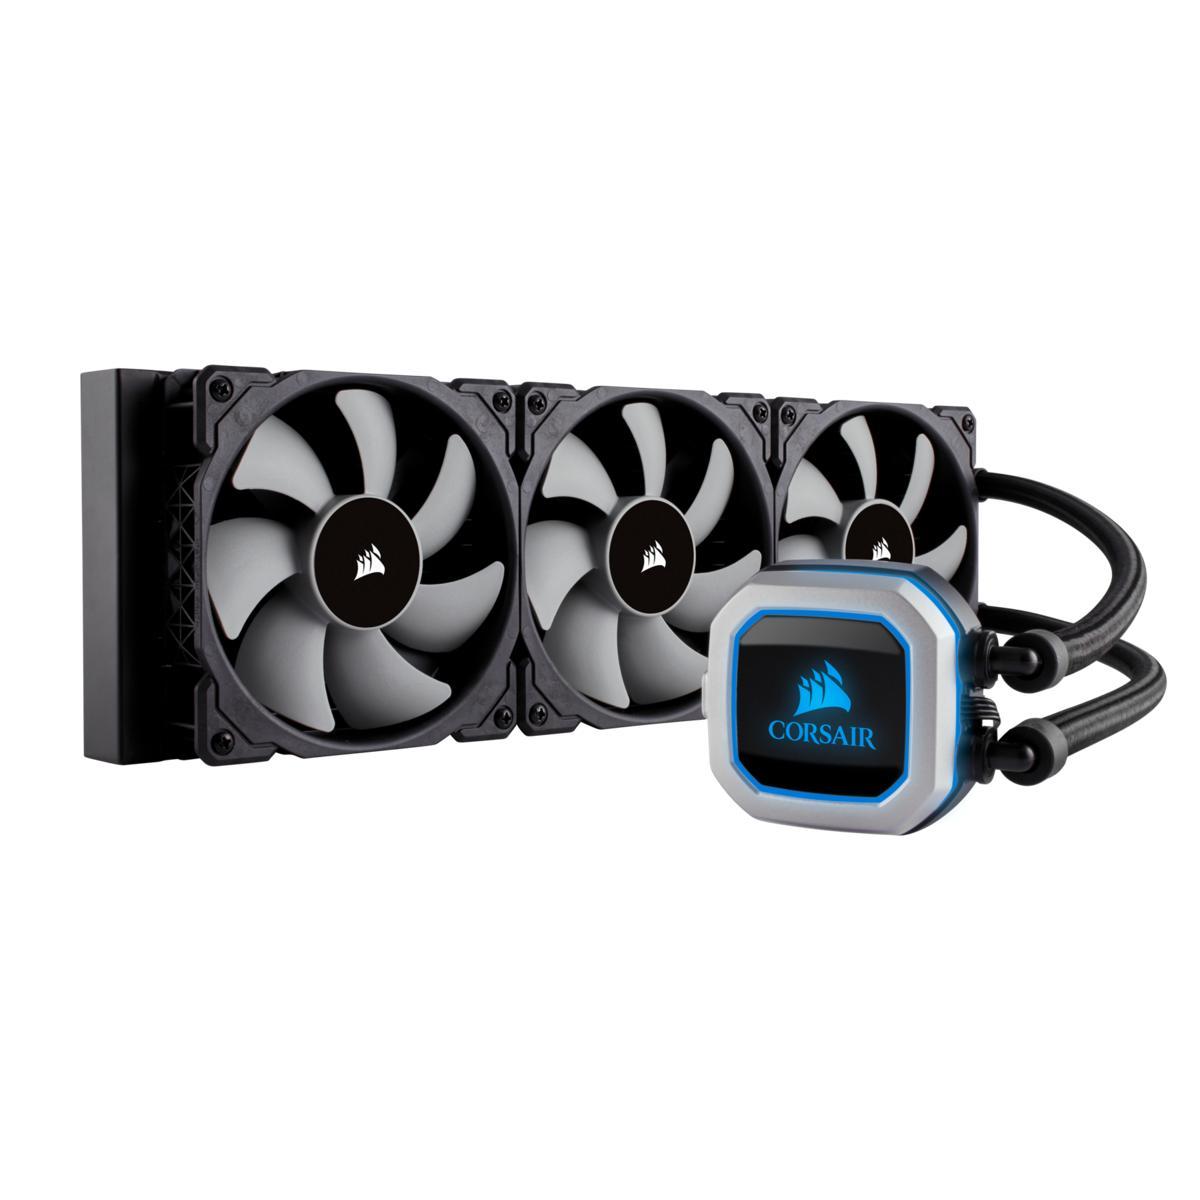 Corsair H150i PRO 47.3 CFM Liquid CPU Cooler